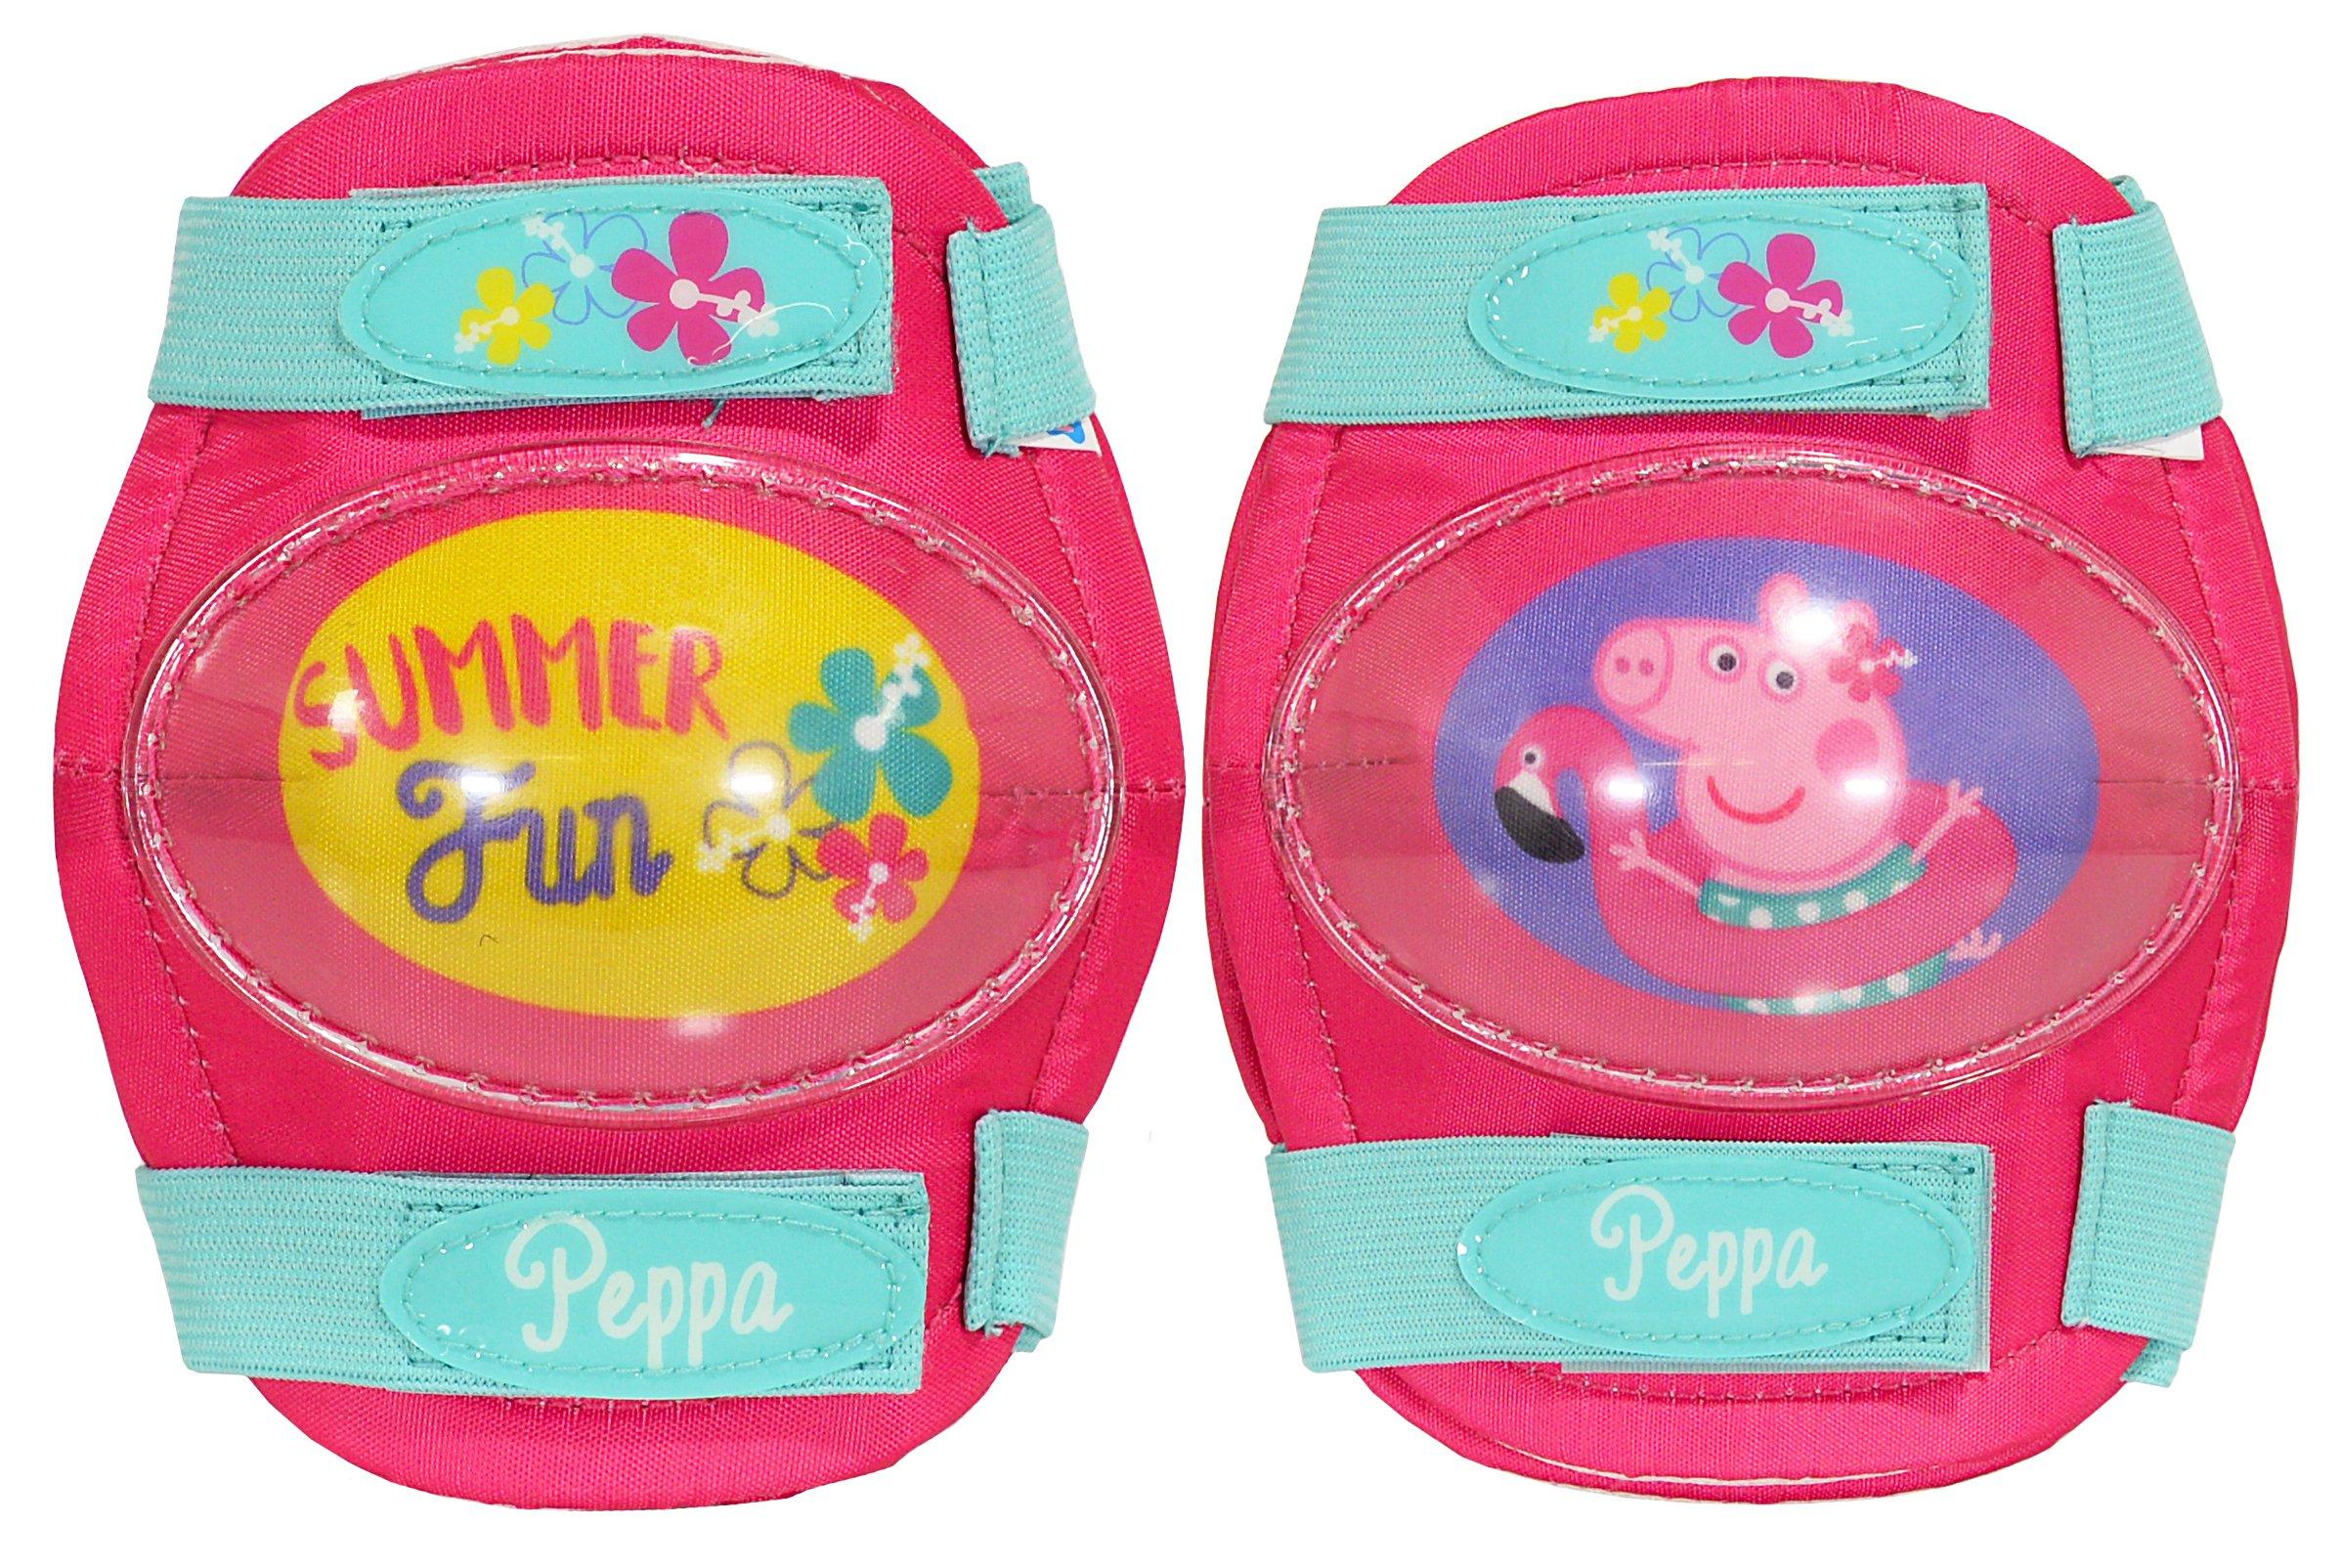 Peppa Pig Toddler Multi-Sport Elbow Knee Padset